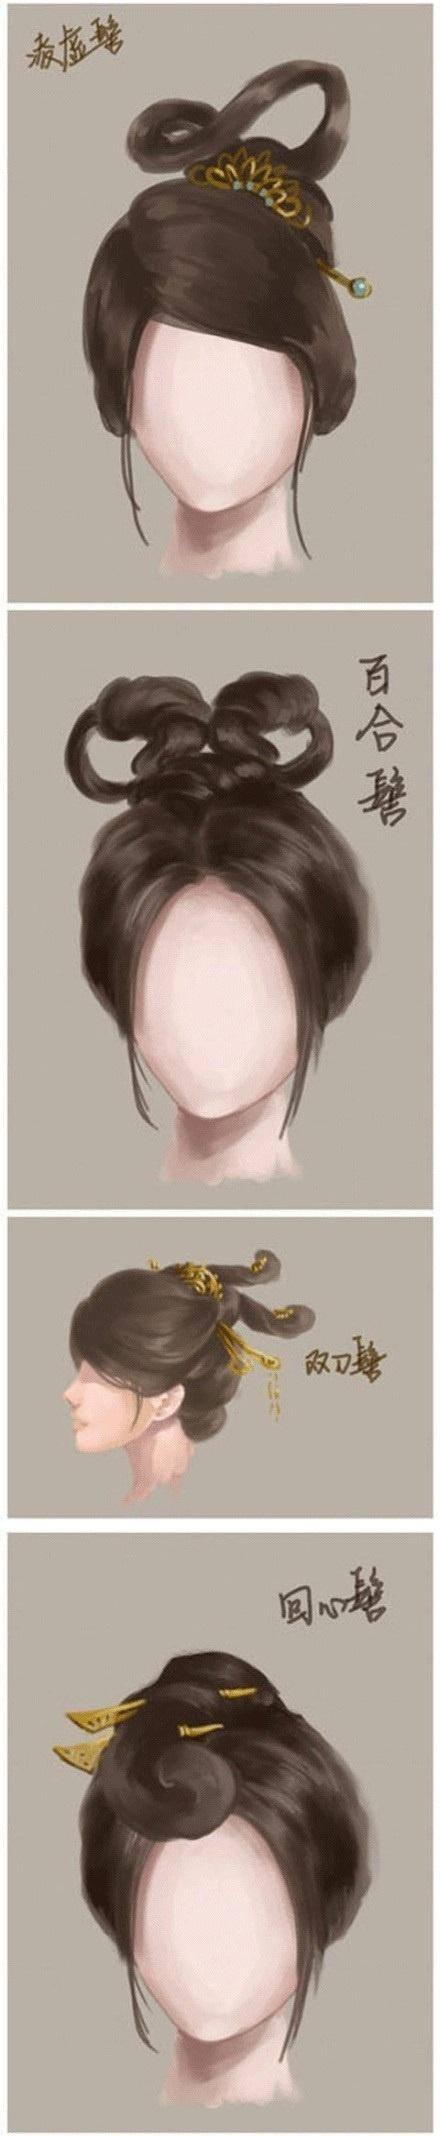 中国古代女子发型名,涨姿势.